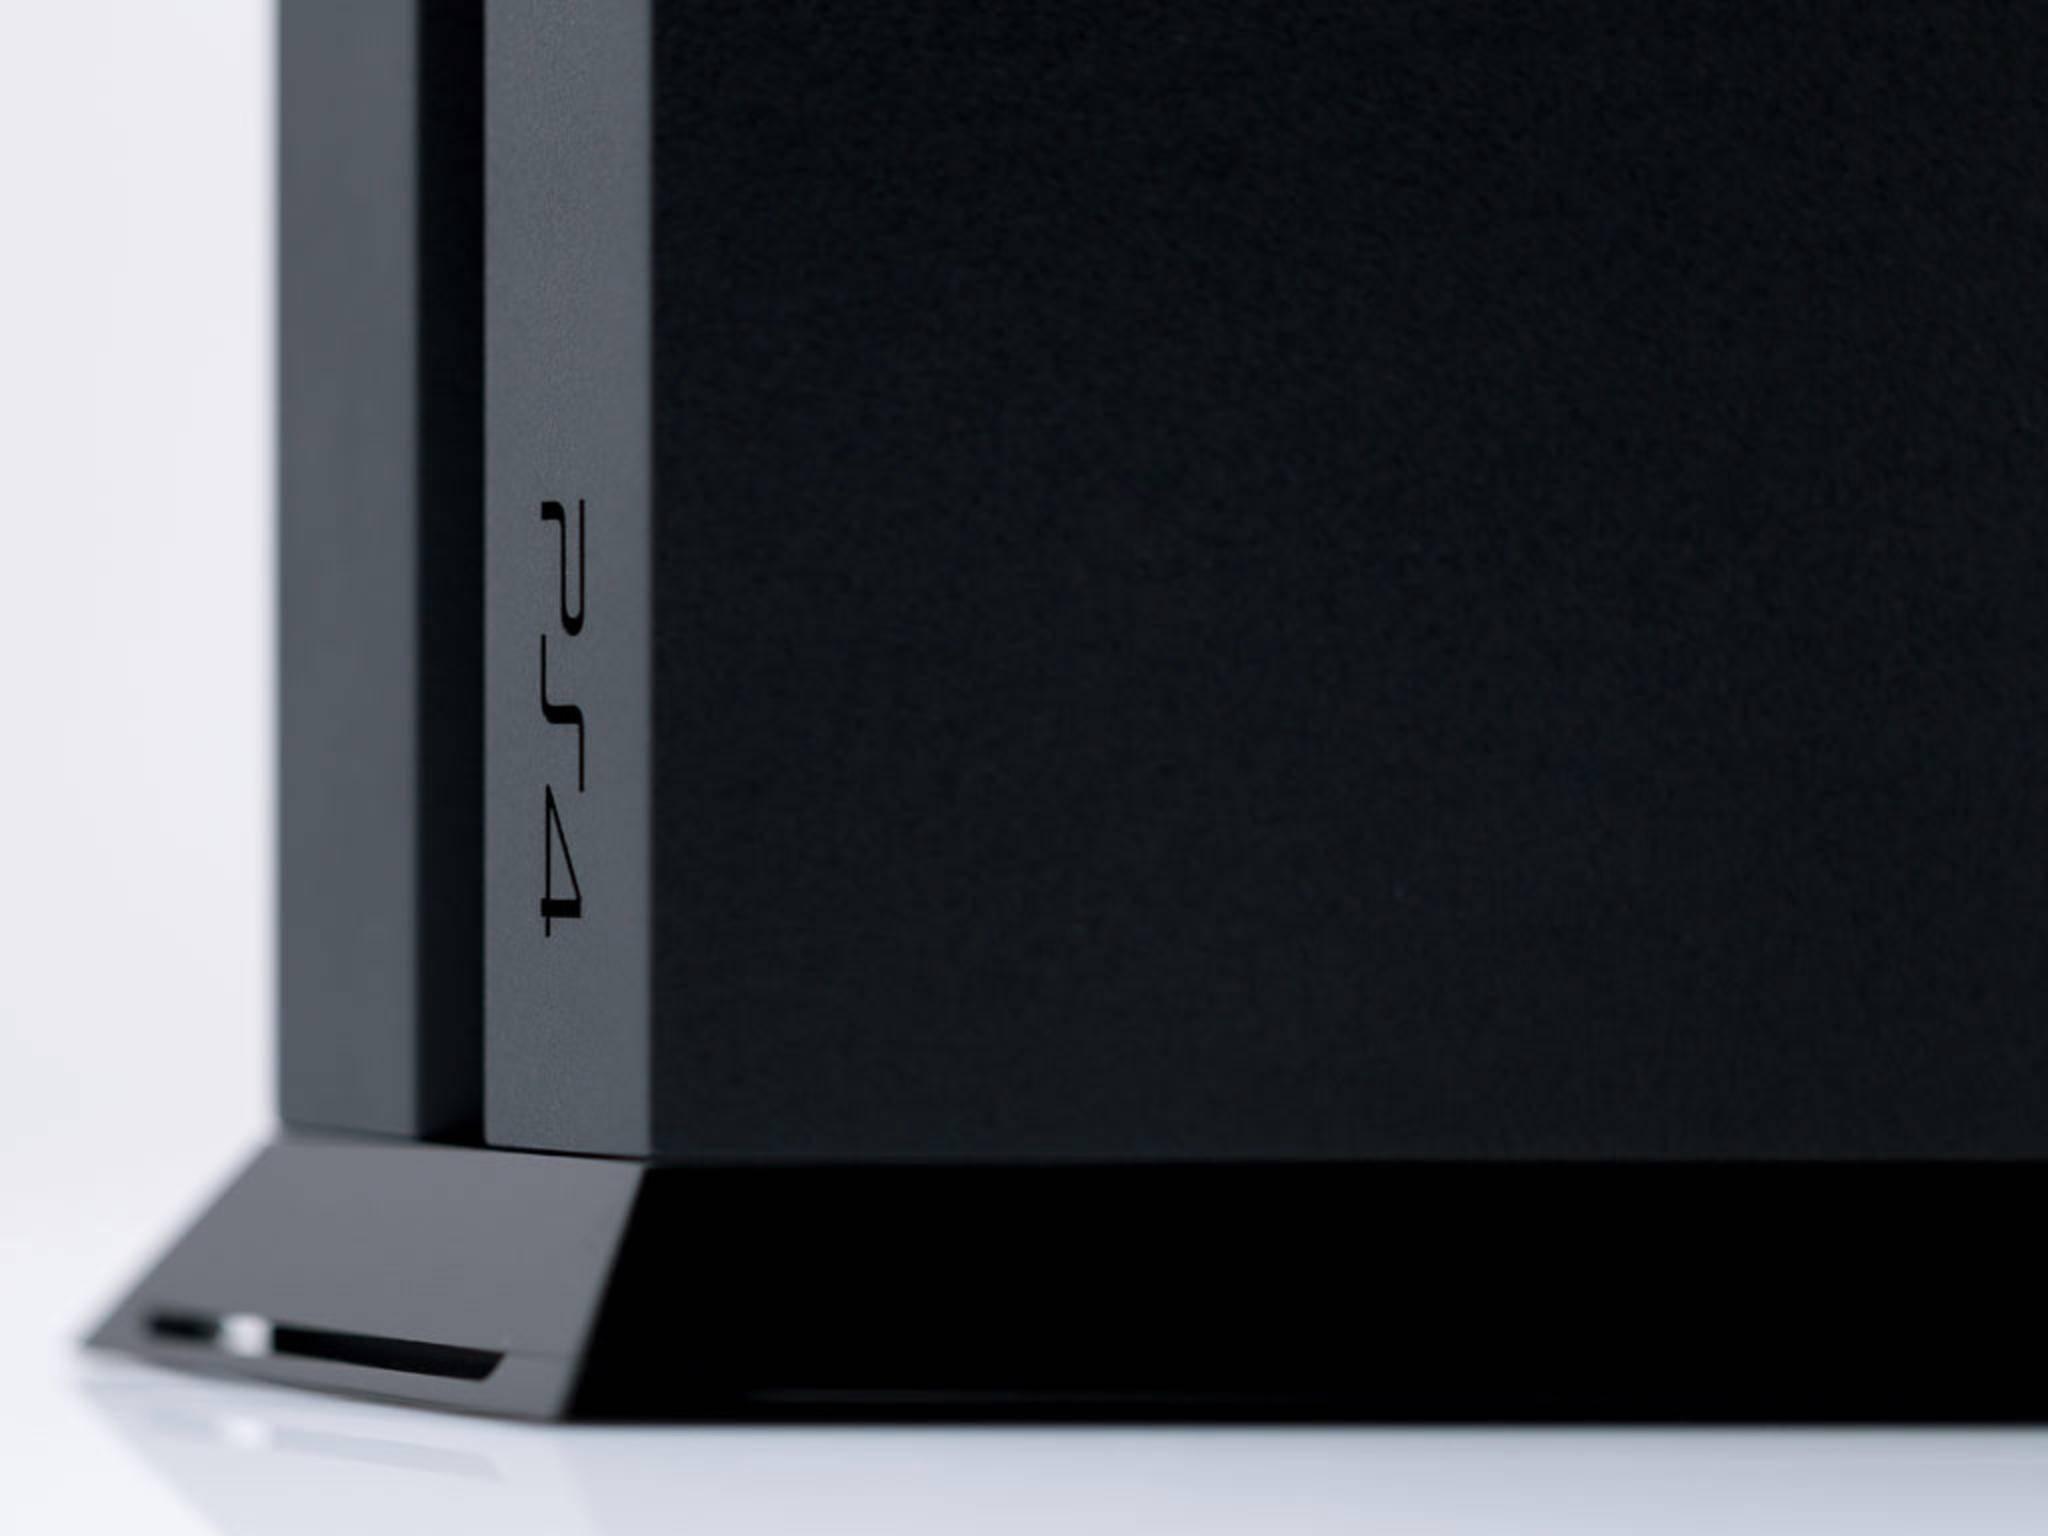 PS4-Spiele kannst Du unterwegs herunterladen und sie dann Zuhause spielen.